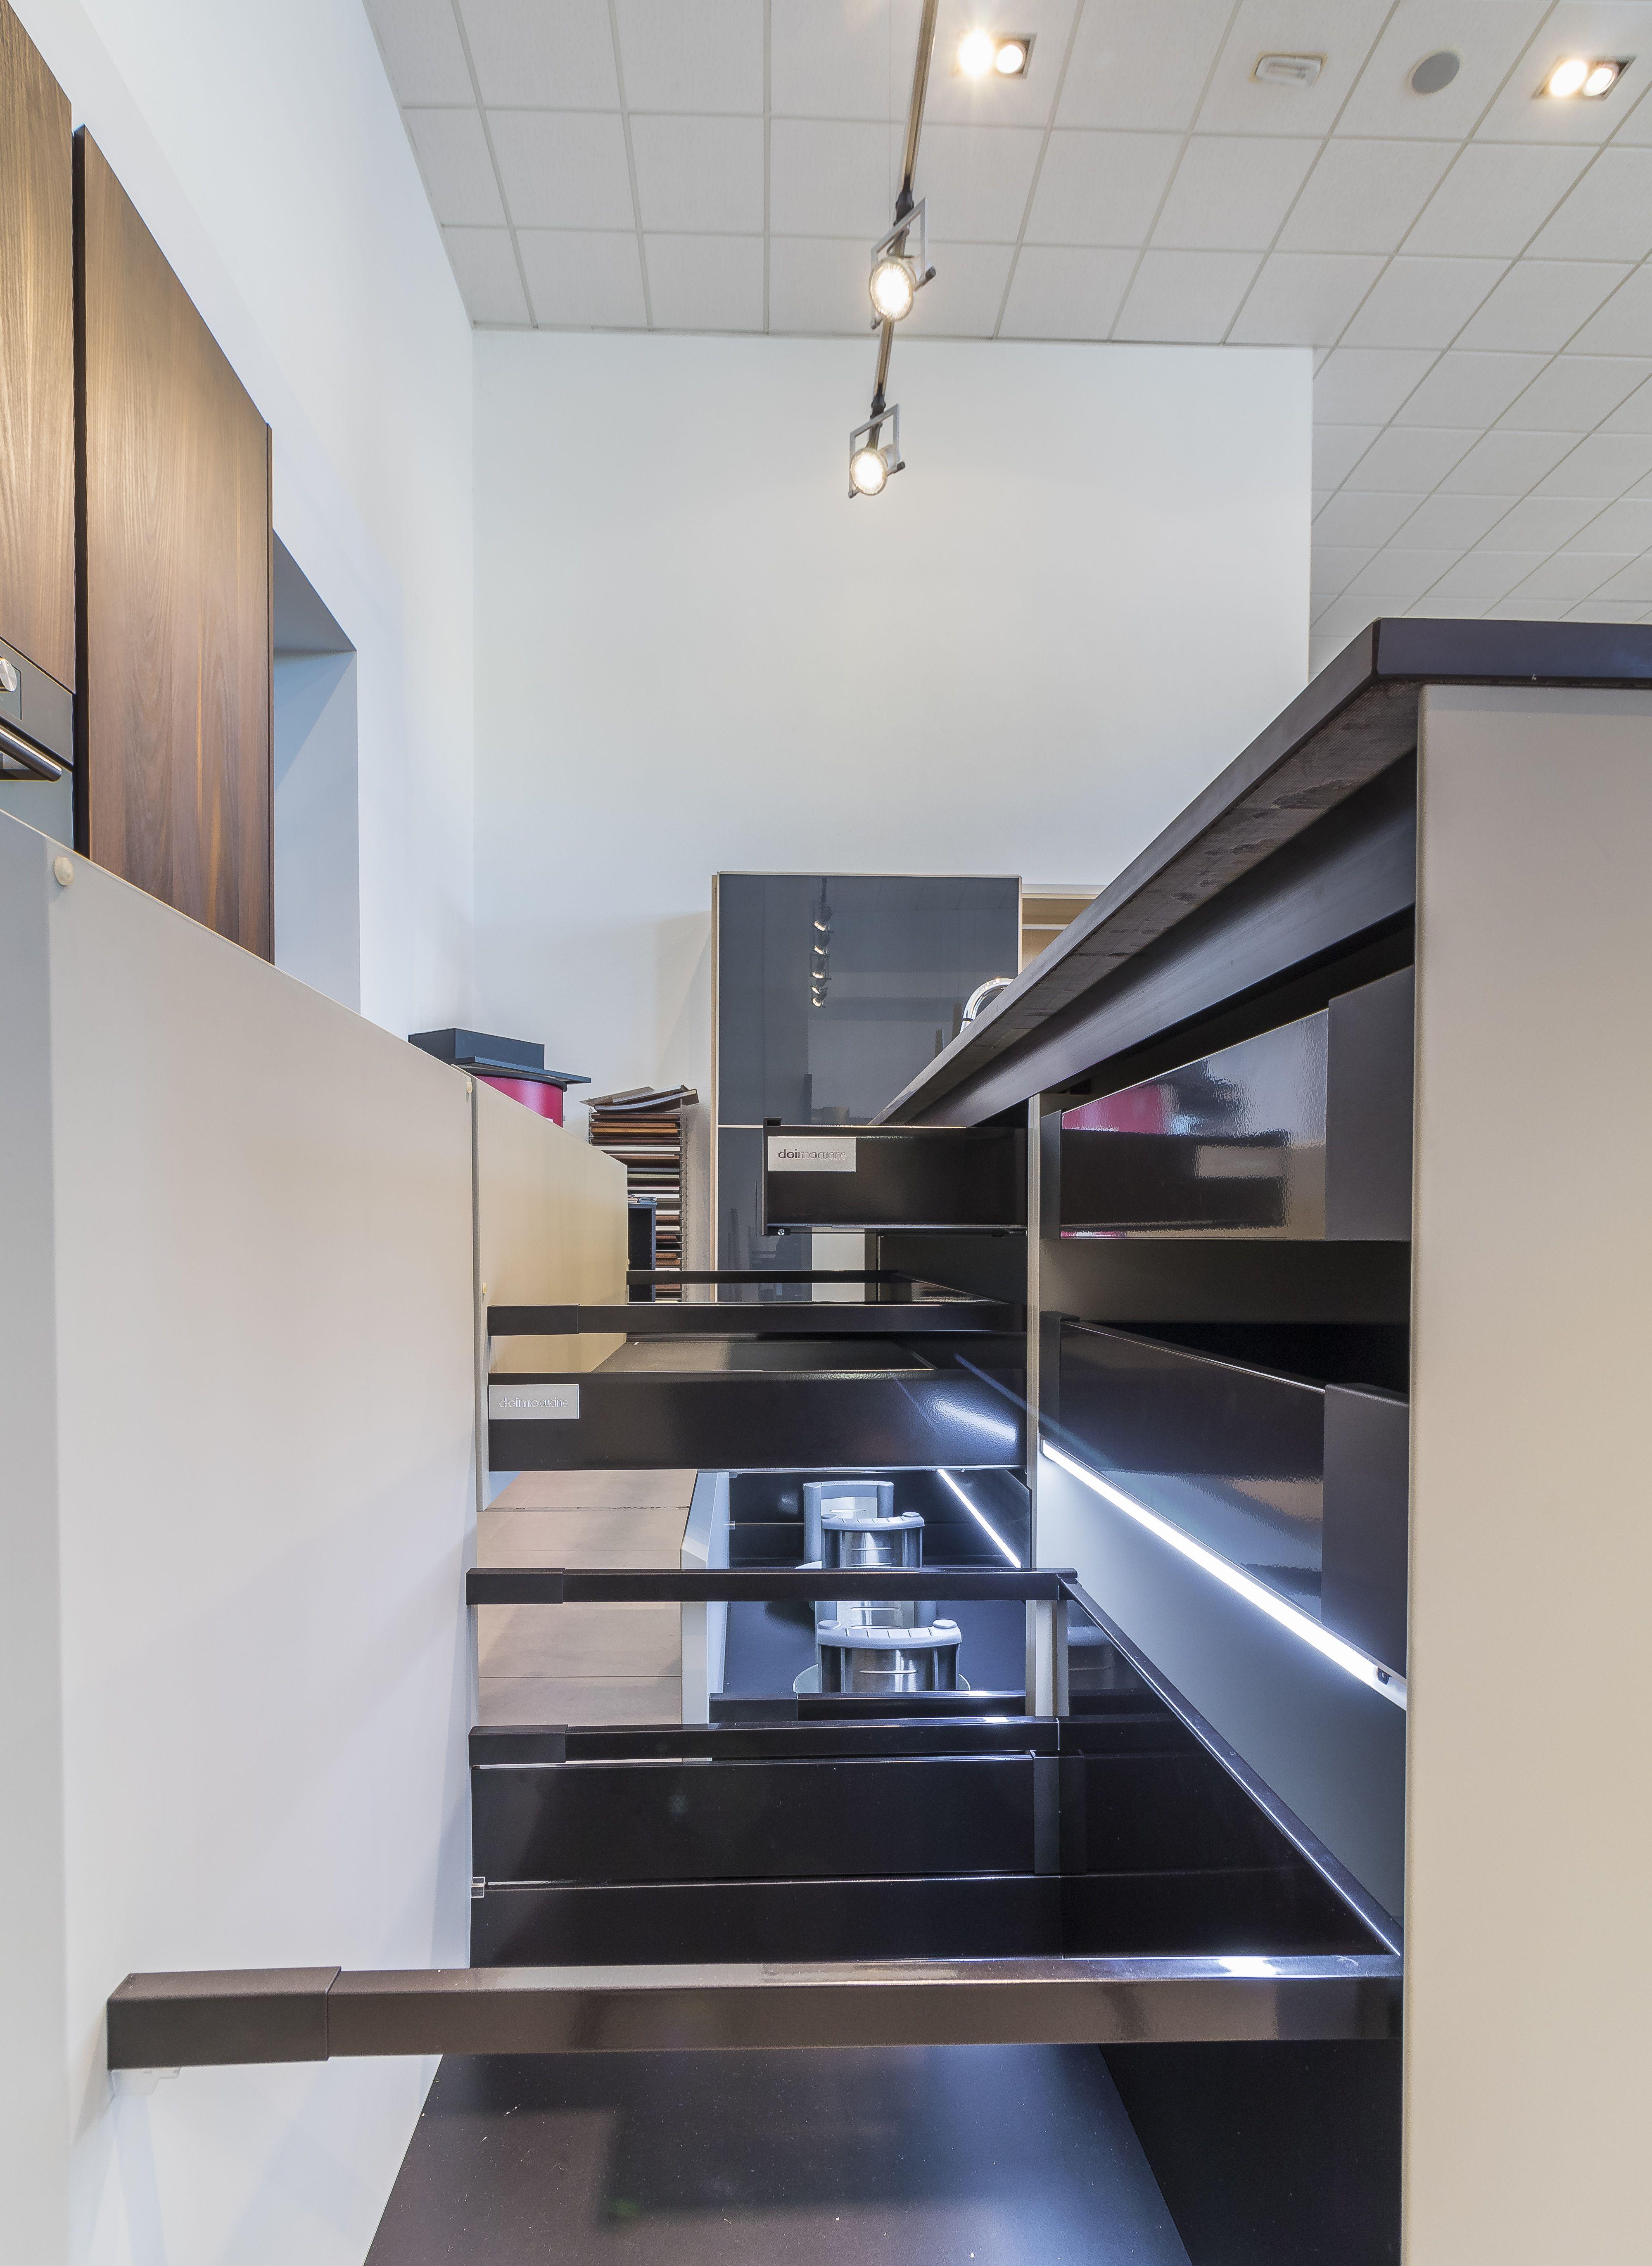 Tienda de mobiliario para cocinas y baños en Murcia